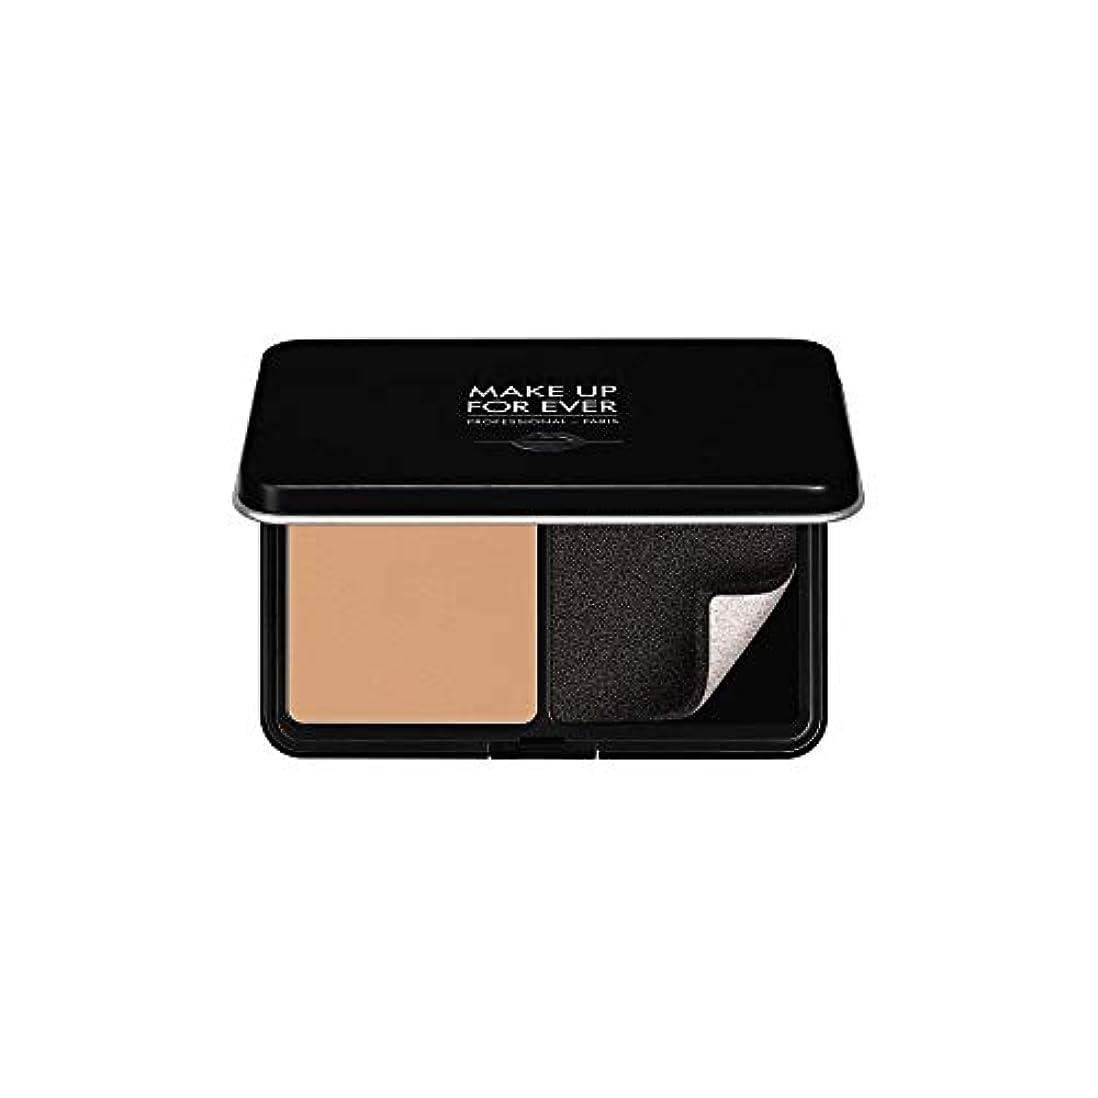 浮くサルベージ不幸メイクアップフォーエバー Matte Velvet Skin Blurring Powder Foundation - # Y345 (Natural Beige) 11g/0.38oz並行輸入品